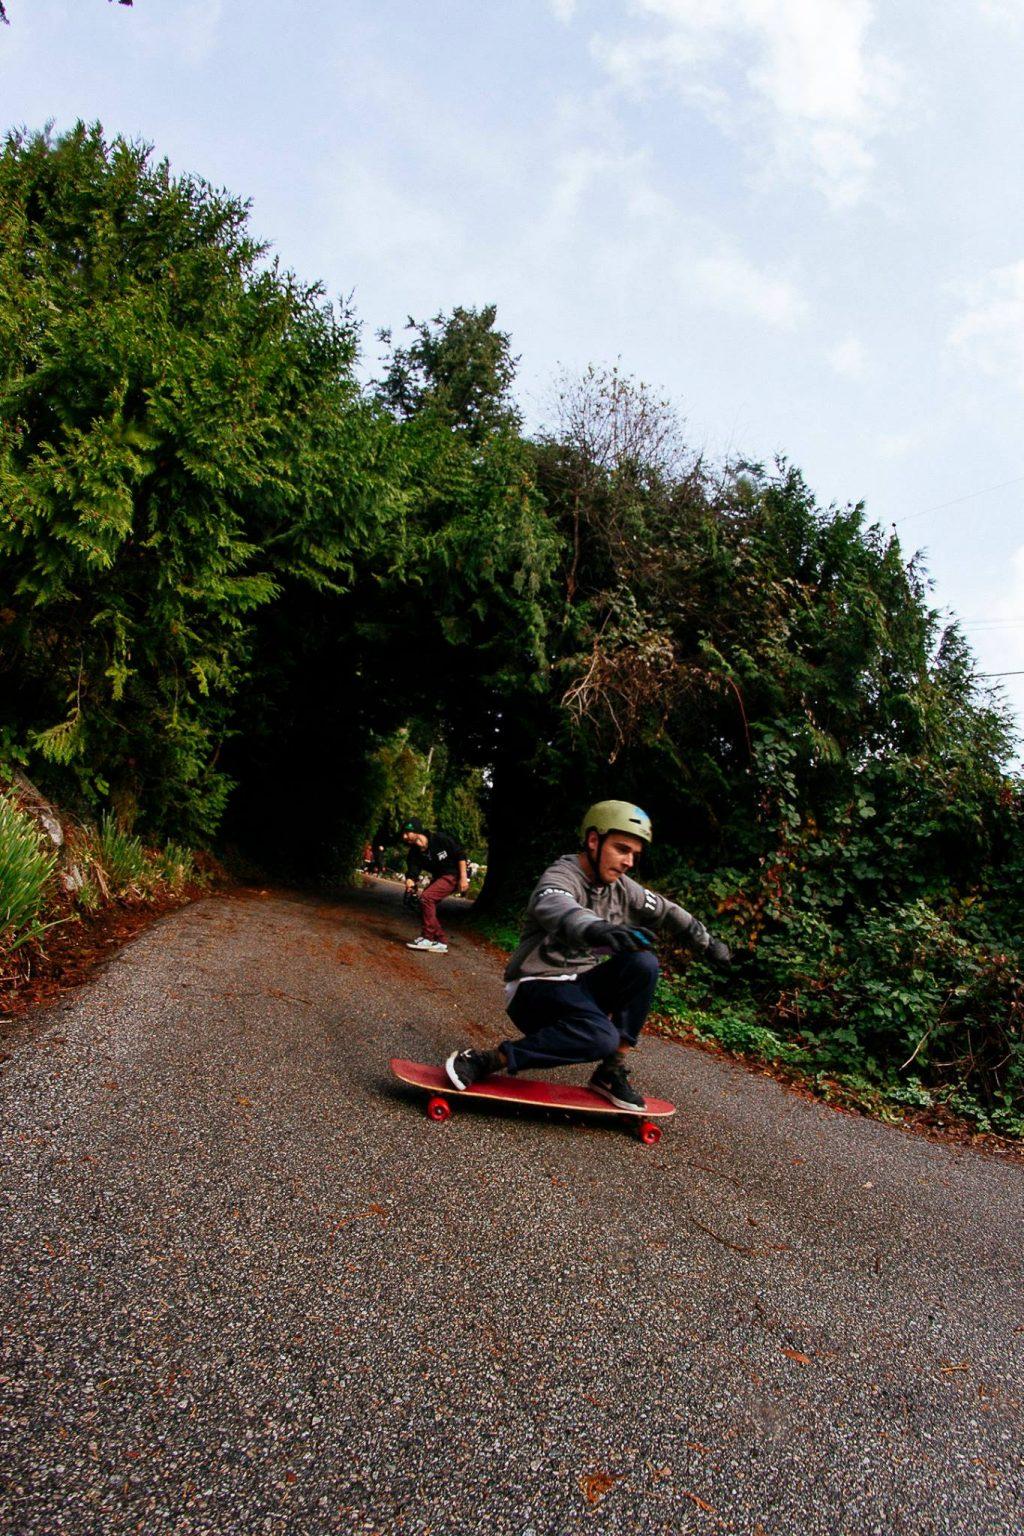 56-sam-galus-flatspot-longboards-valhalla-skateboards-higway-jam-highwayjamx-sho-ouellette-sho-stopper-longboarding